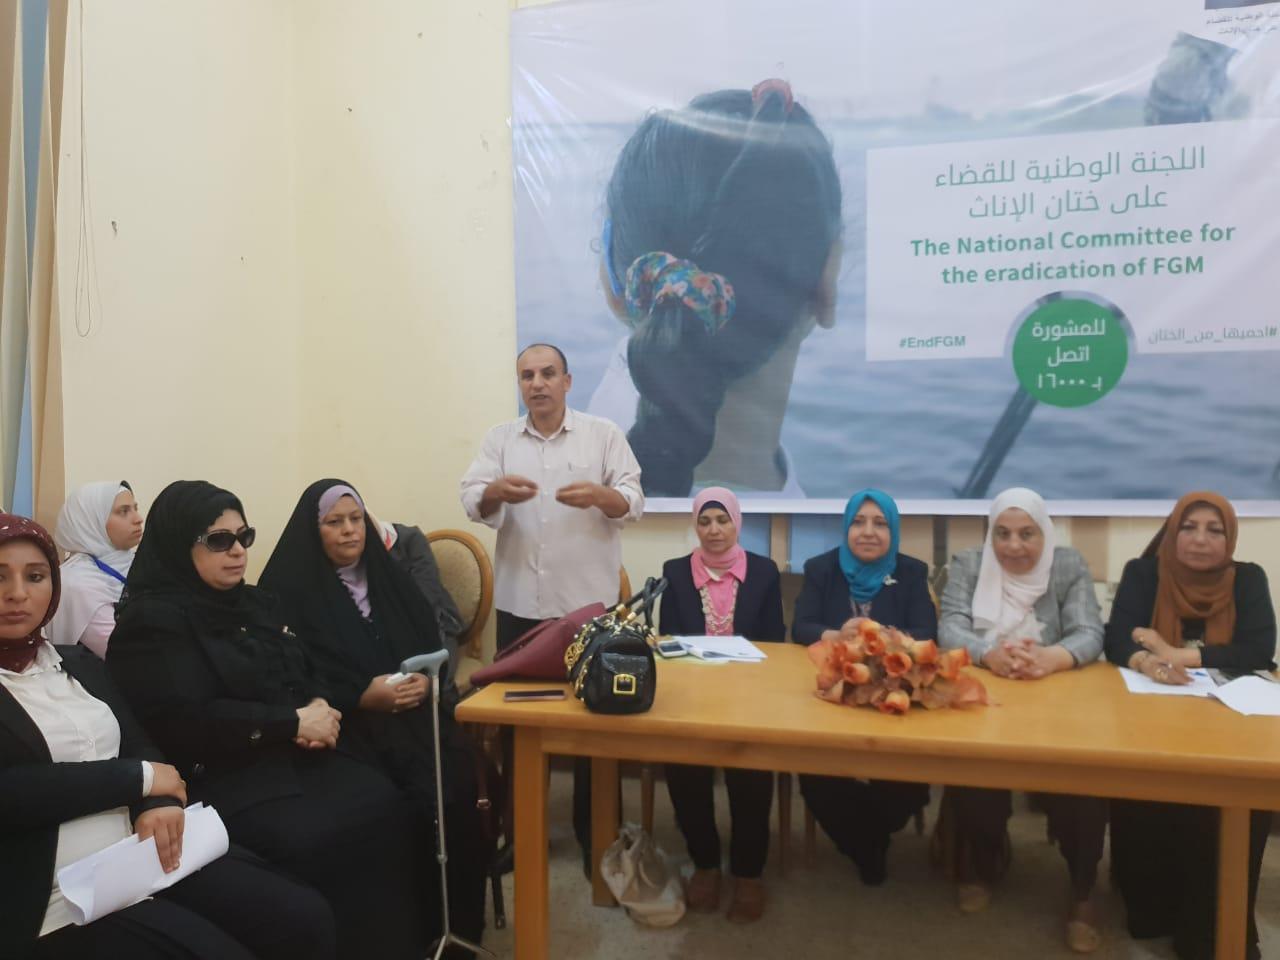 جانب من ندوة فرع المجلس القومي للمرأة بكفر الشيخ عن ختان الاناث  (10)